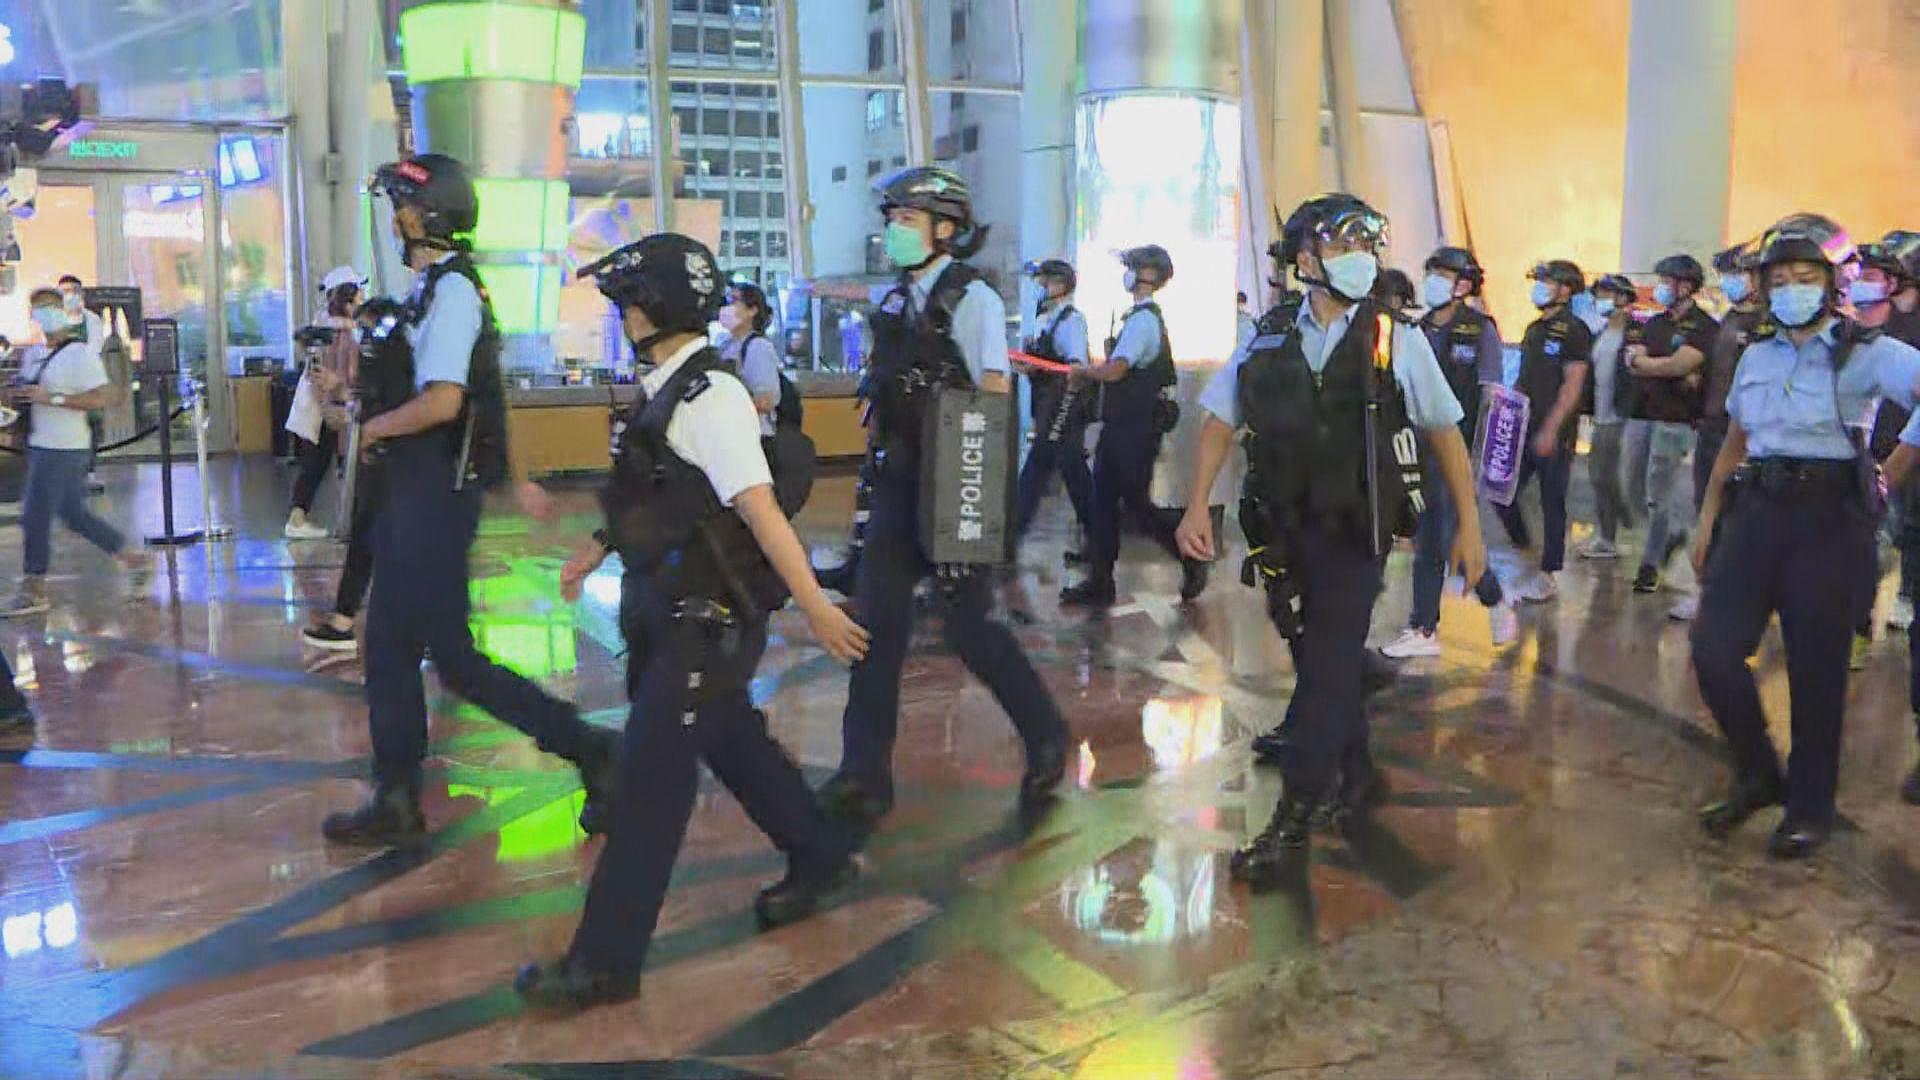 網上有人發起和你唱活動 警員到場驅趕